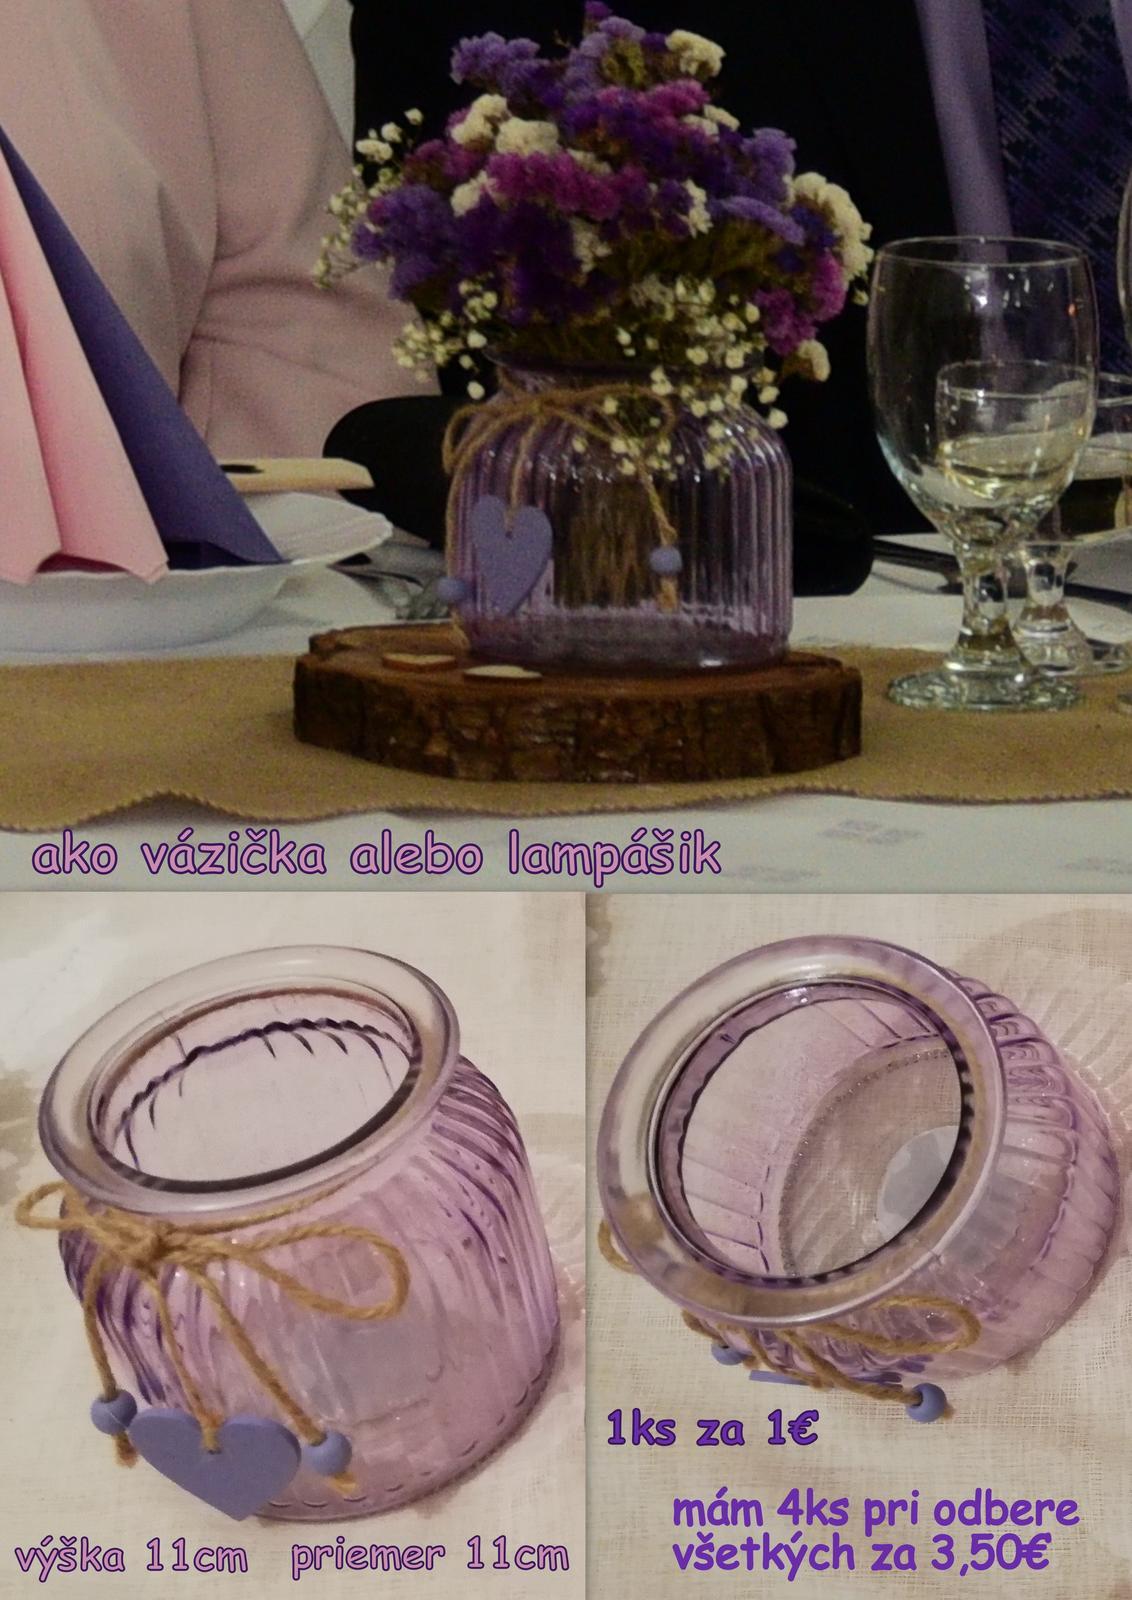 fialová sklenená váza, alebo lampáš - Obrázok č. 1